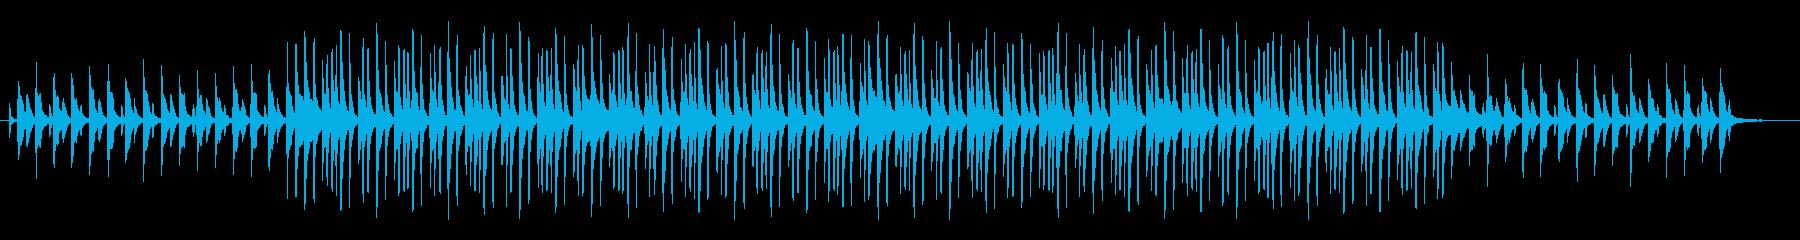 映像音楽等に。ほのぼのピアノポップの再生済みの波形